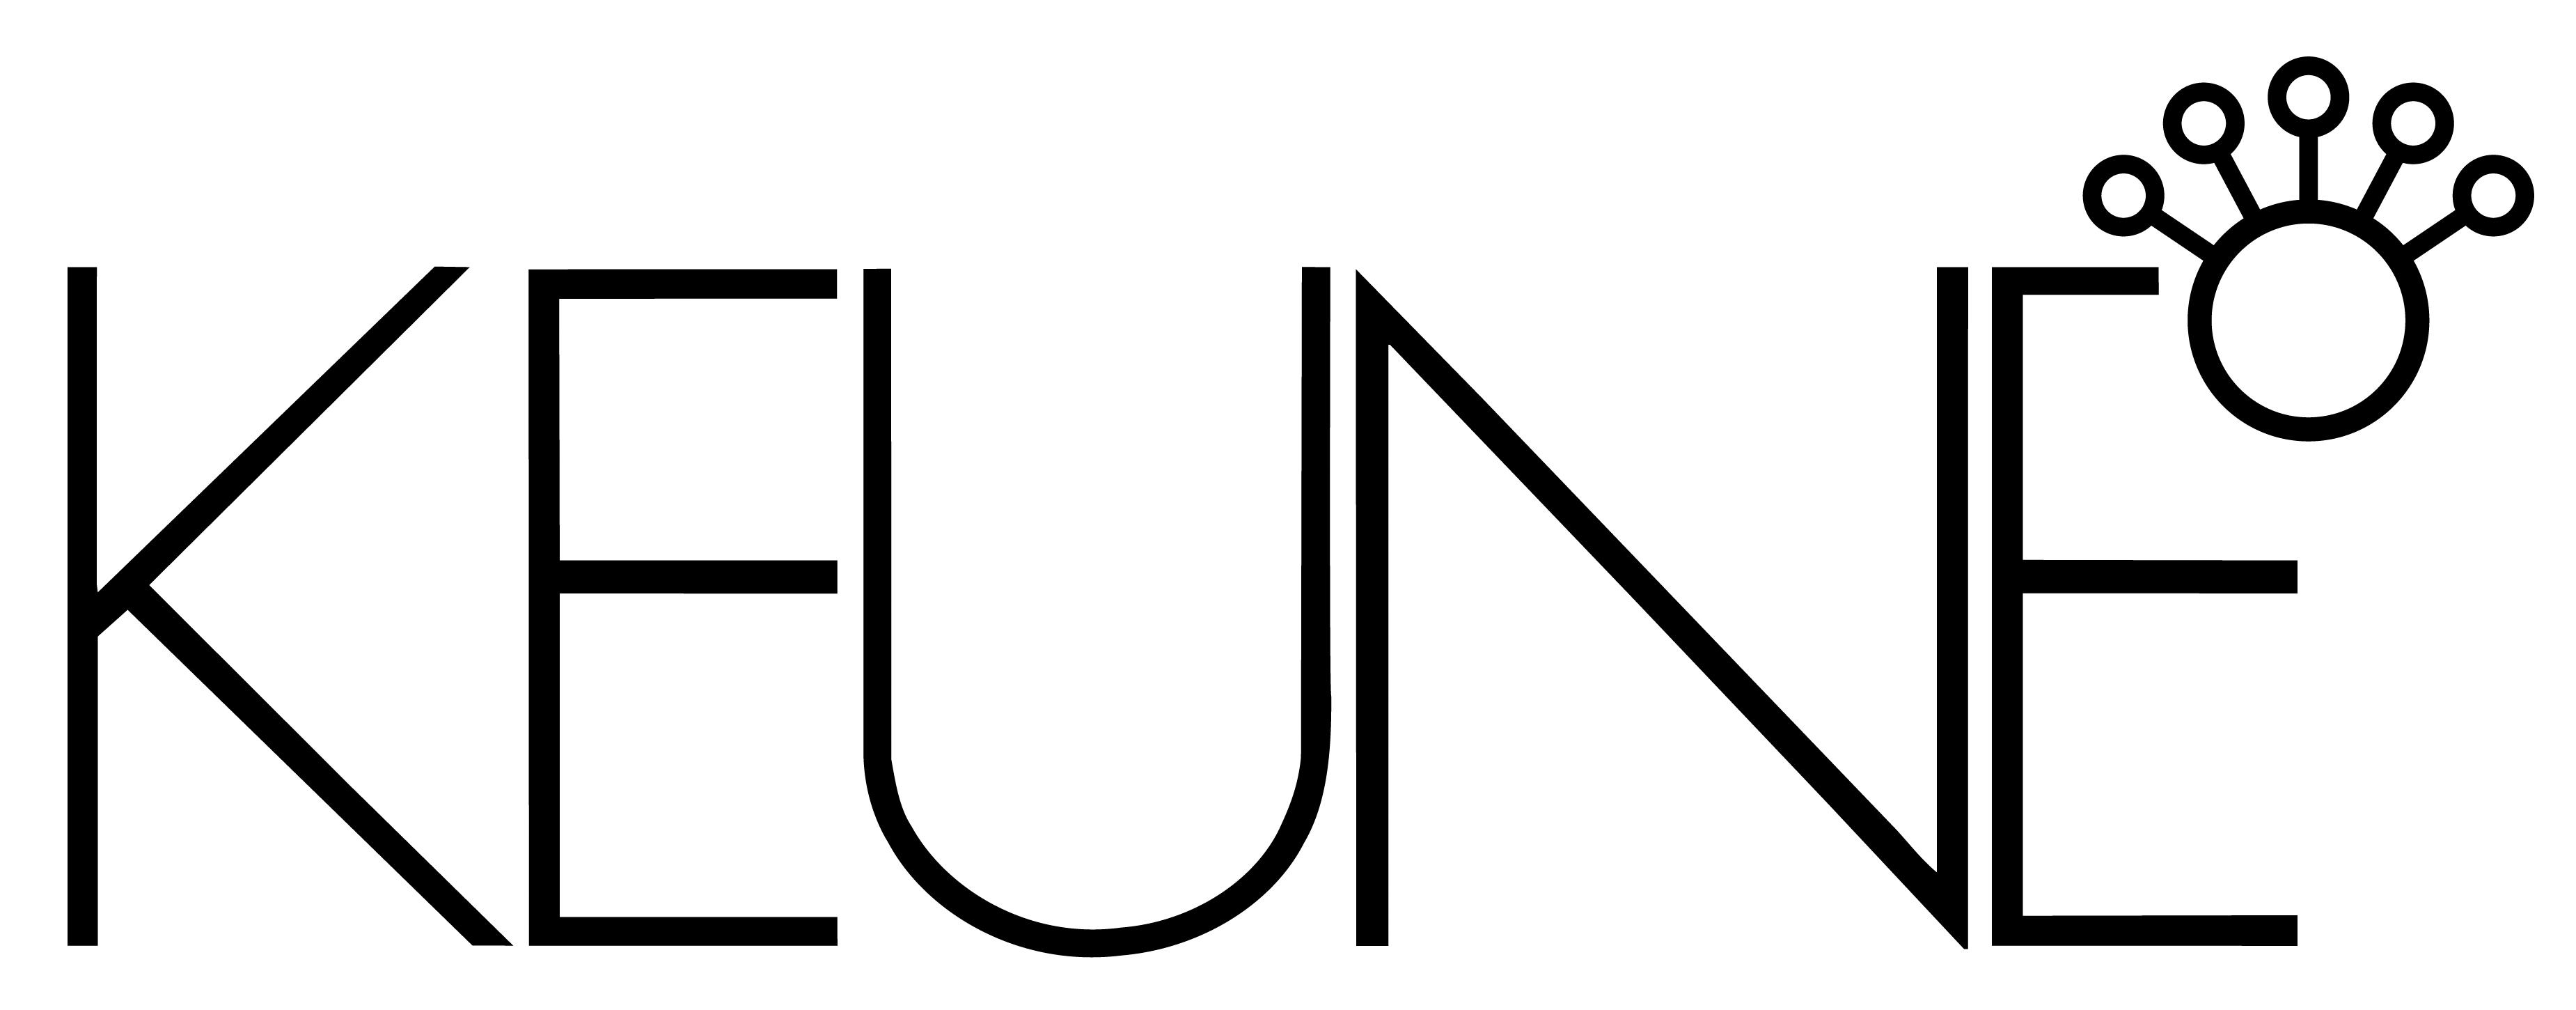 keune � logos download